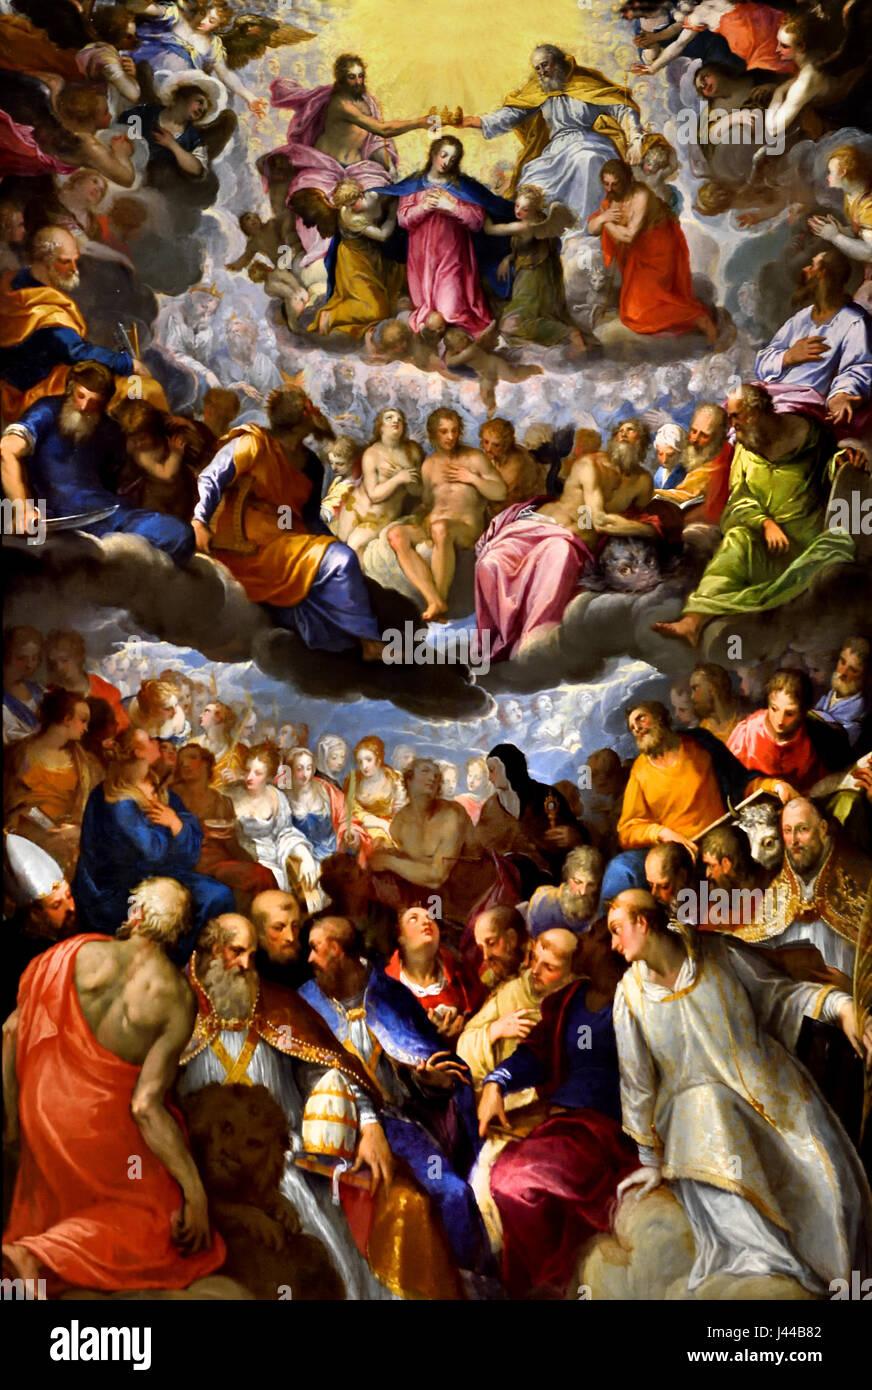 Le couronnement de la Vierge, Johann Rottenhammer 1596-1606 1564 - 1625 Italie italien ( Les principaux chiffres du plus bas niveau de la composition sont Saint Lawrence avec martyr's palm et pierre (à droite), et Saint Jérôme avec son lion (à gauche), accompagné par les autres Pères de l'Eglise latine. La Vierge au sommet est couronné par le Christ et Dieu le Père, avec Adam et Eve juste au-dessous. Les Saints Pierre et Paul (gauche et droite) sont accompagnés de figures de l'Ancien Testament, y compris Abraham, avec épée, Isaac transportant du bois (à gauche), et Moïse avec les tables de la Loi ) Banque D'Images